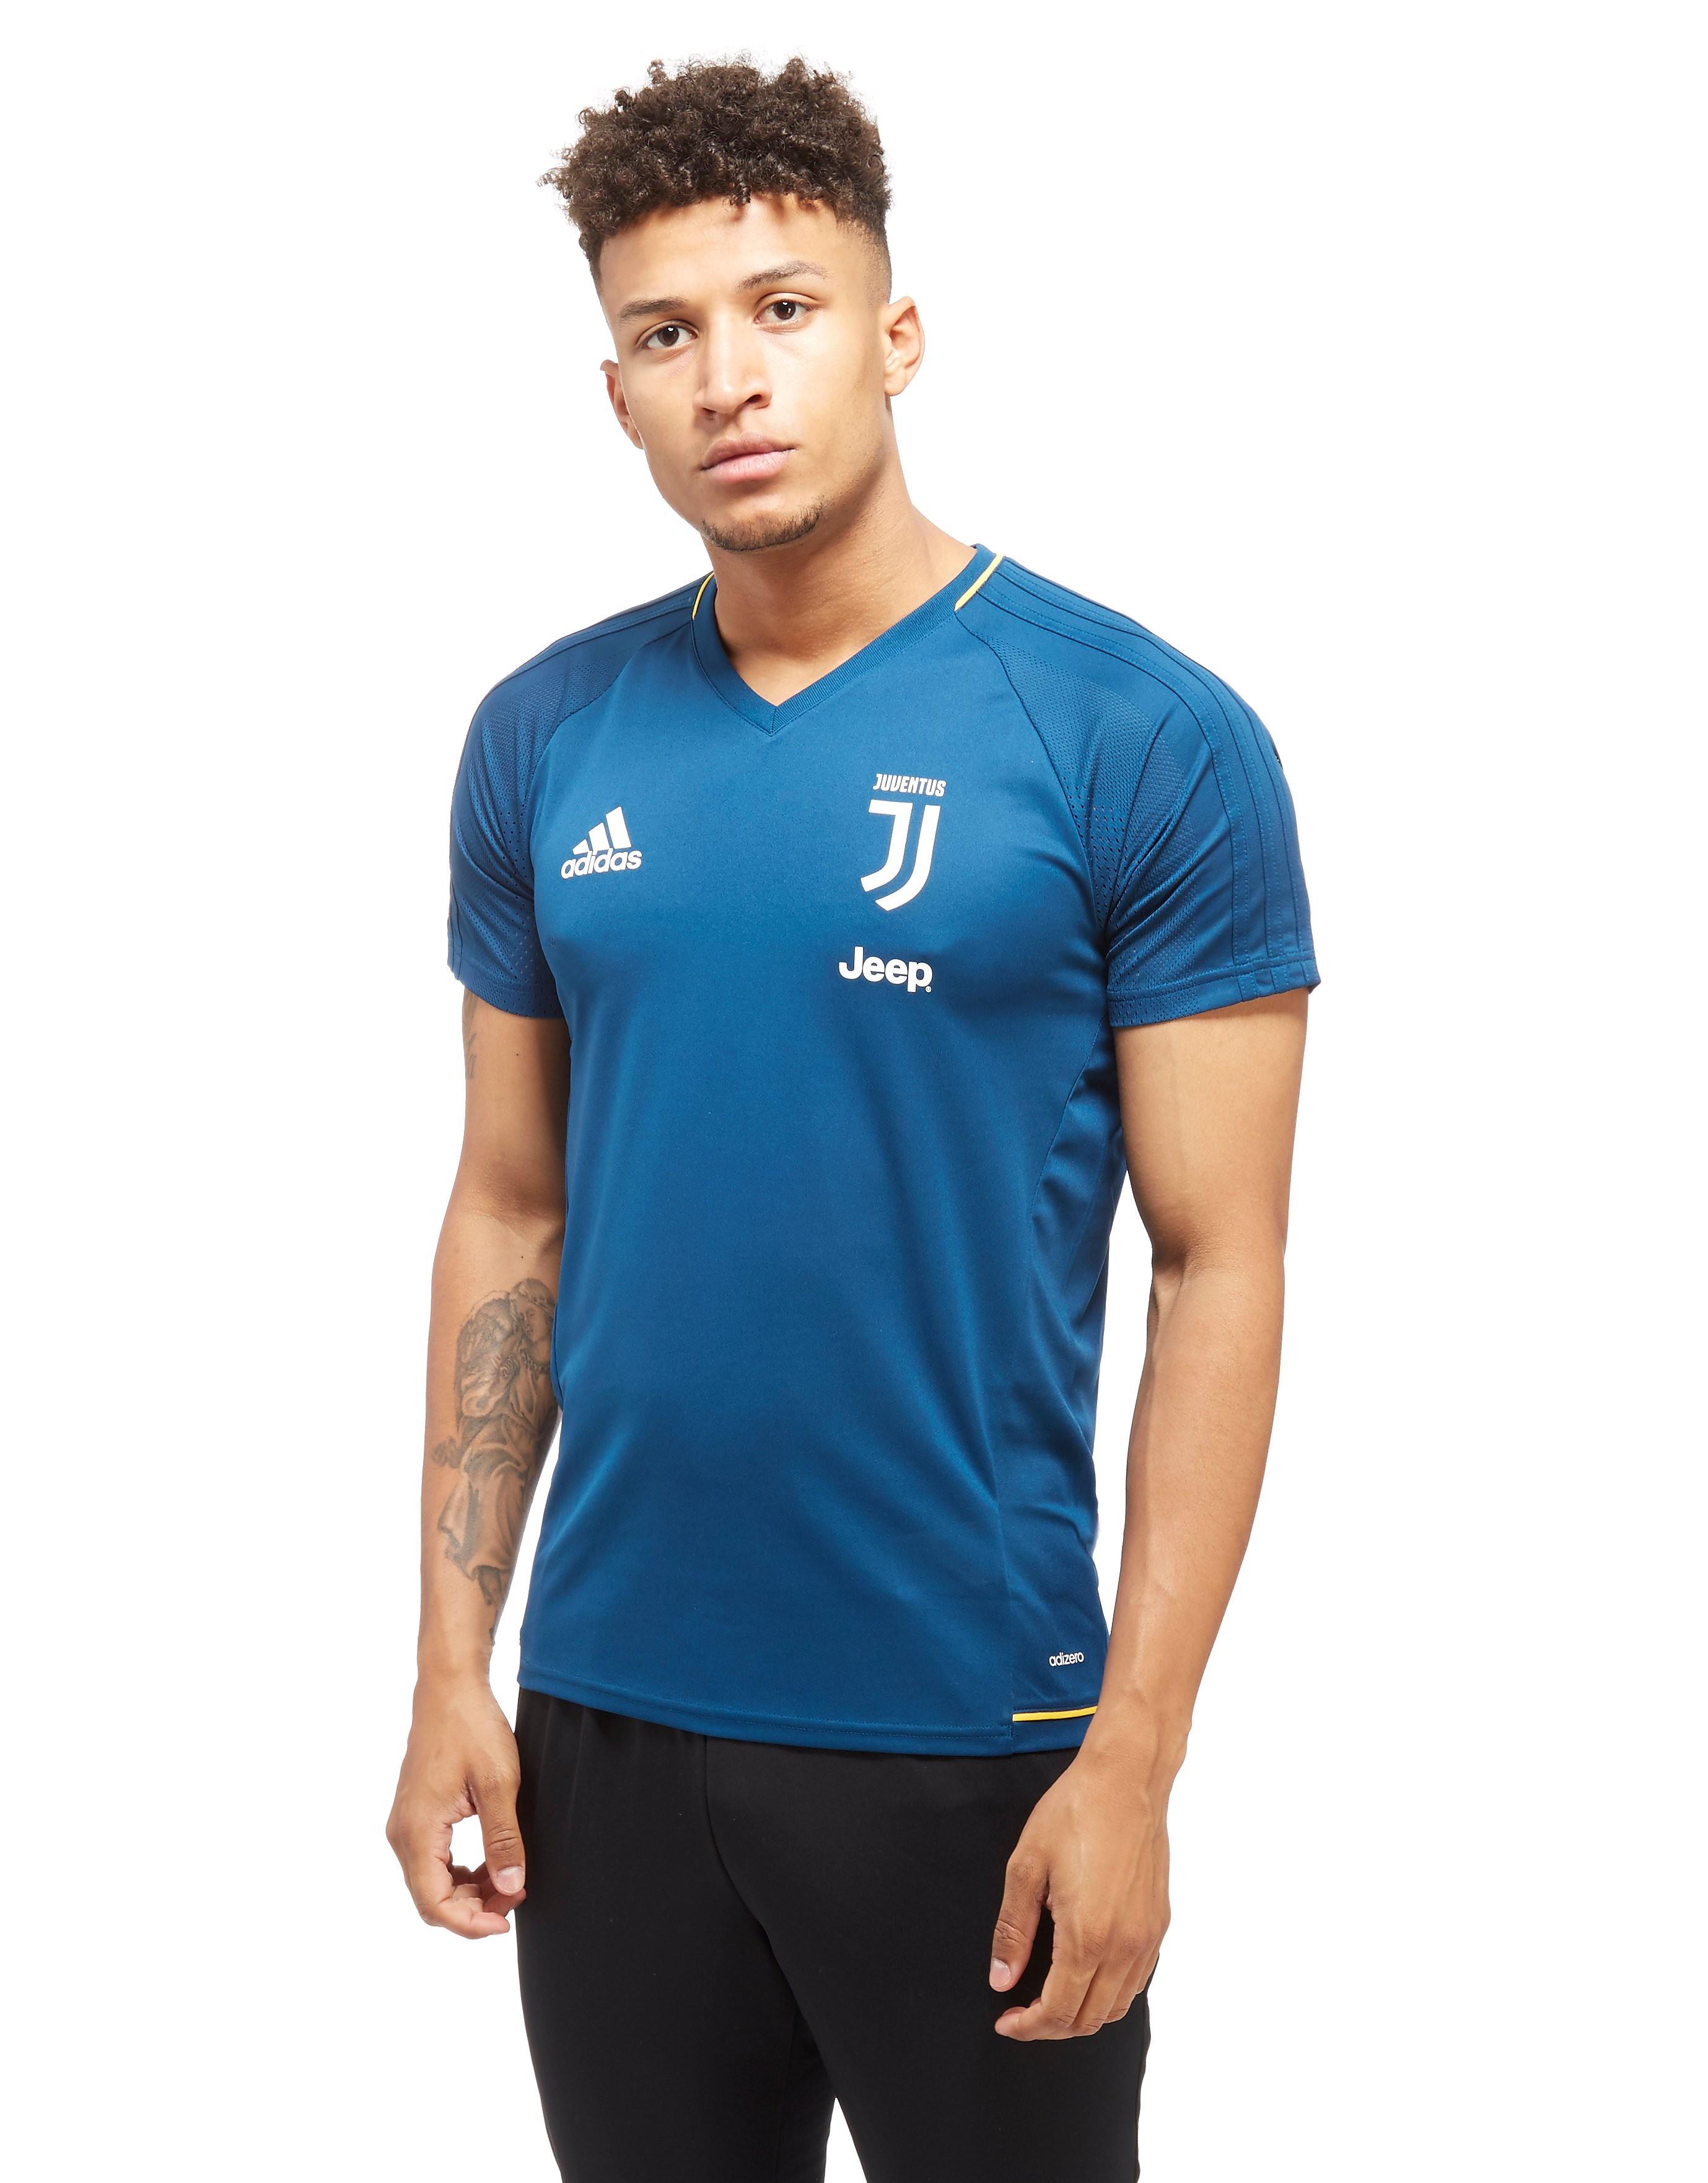 adidas Juventus 2017 Training Shirt